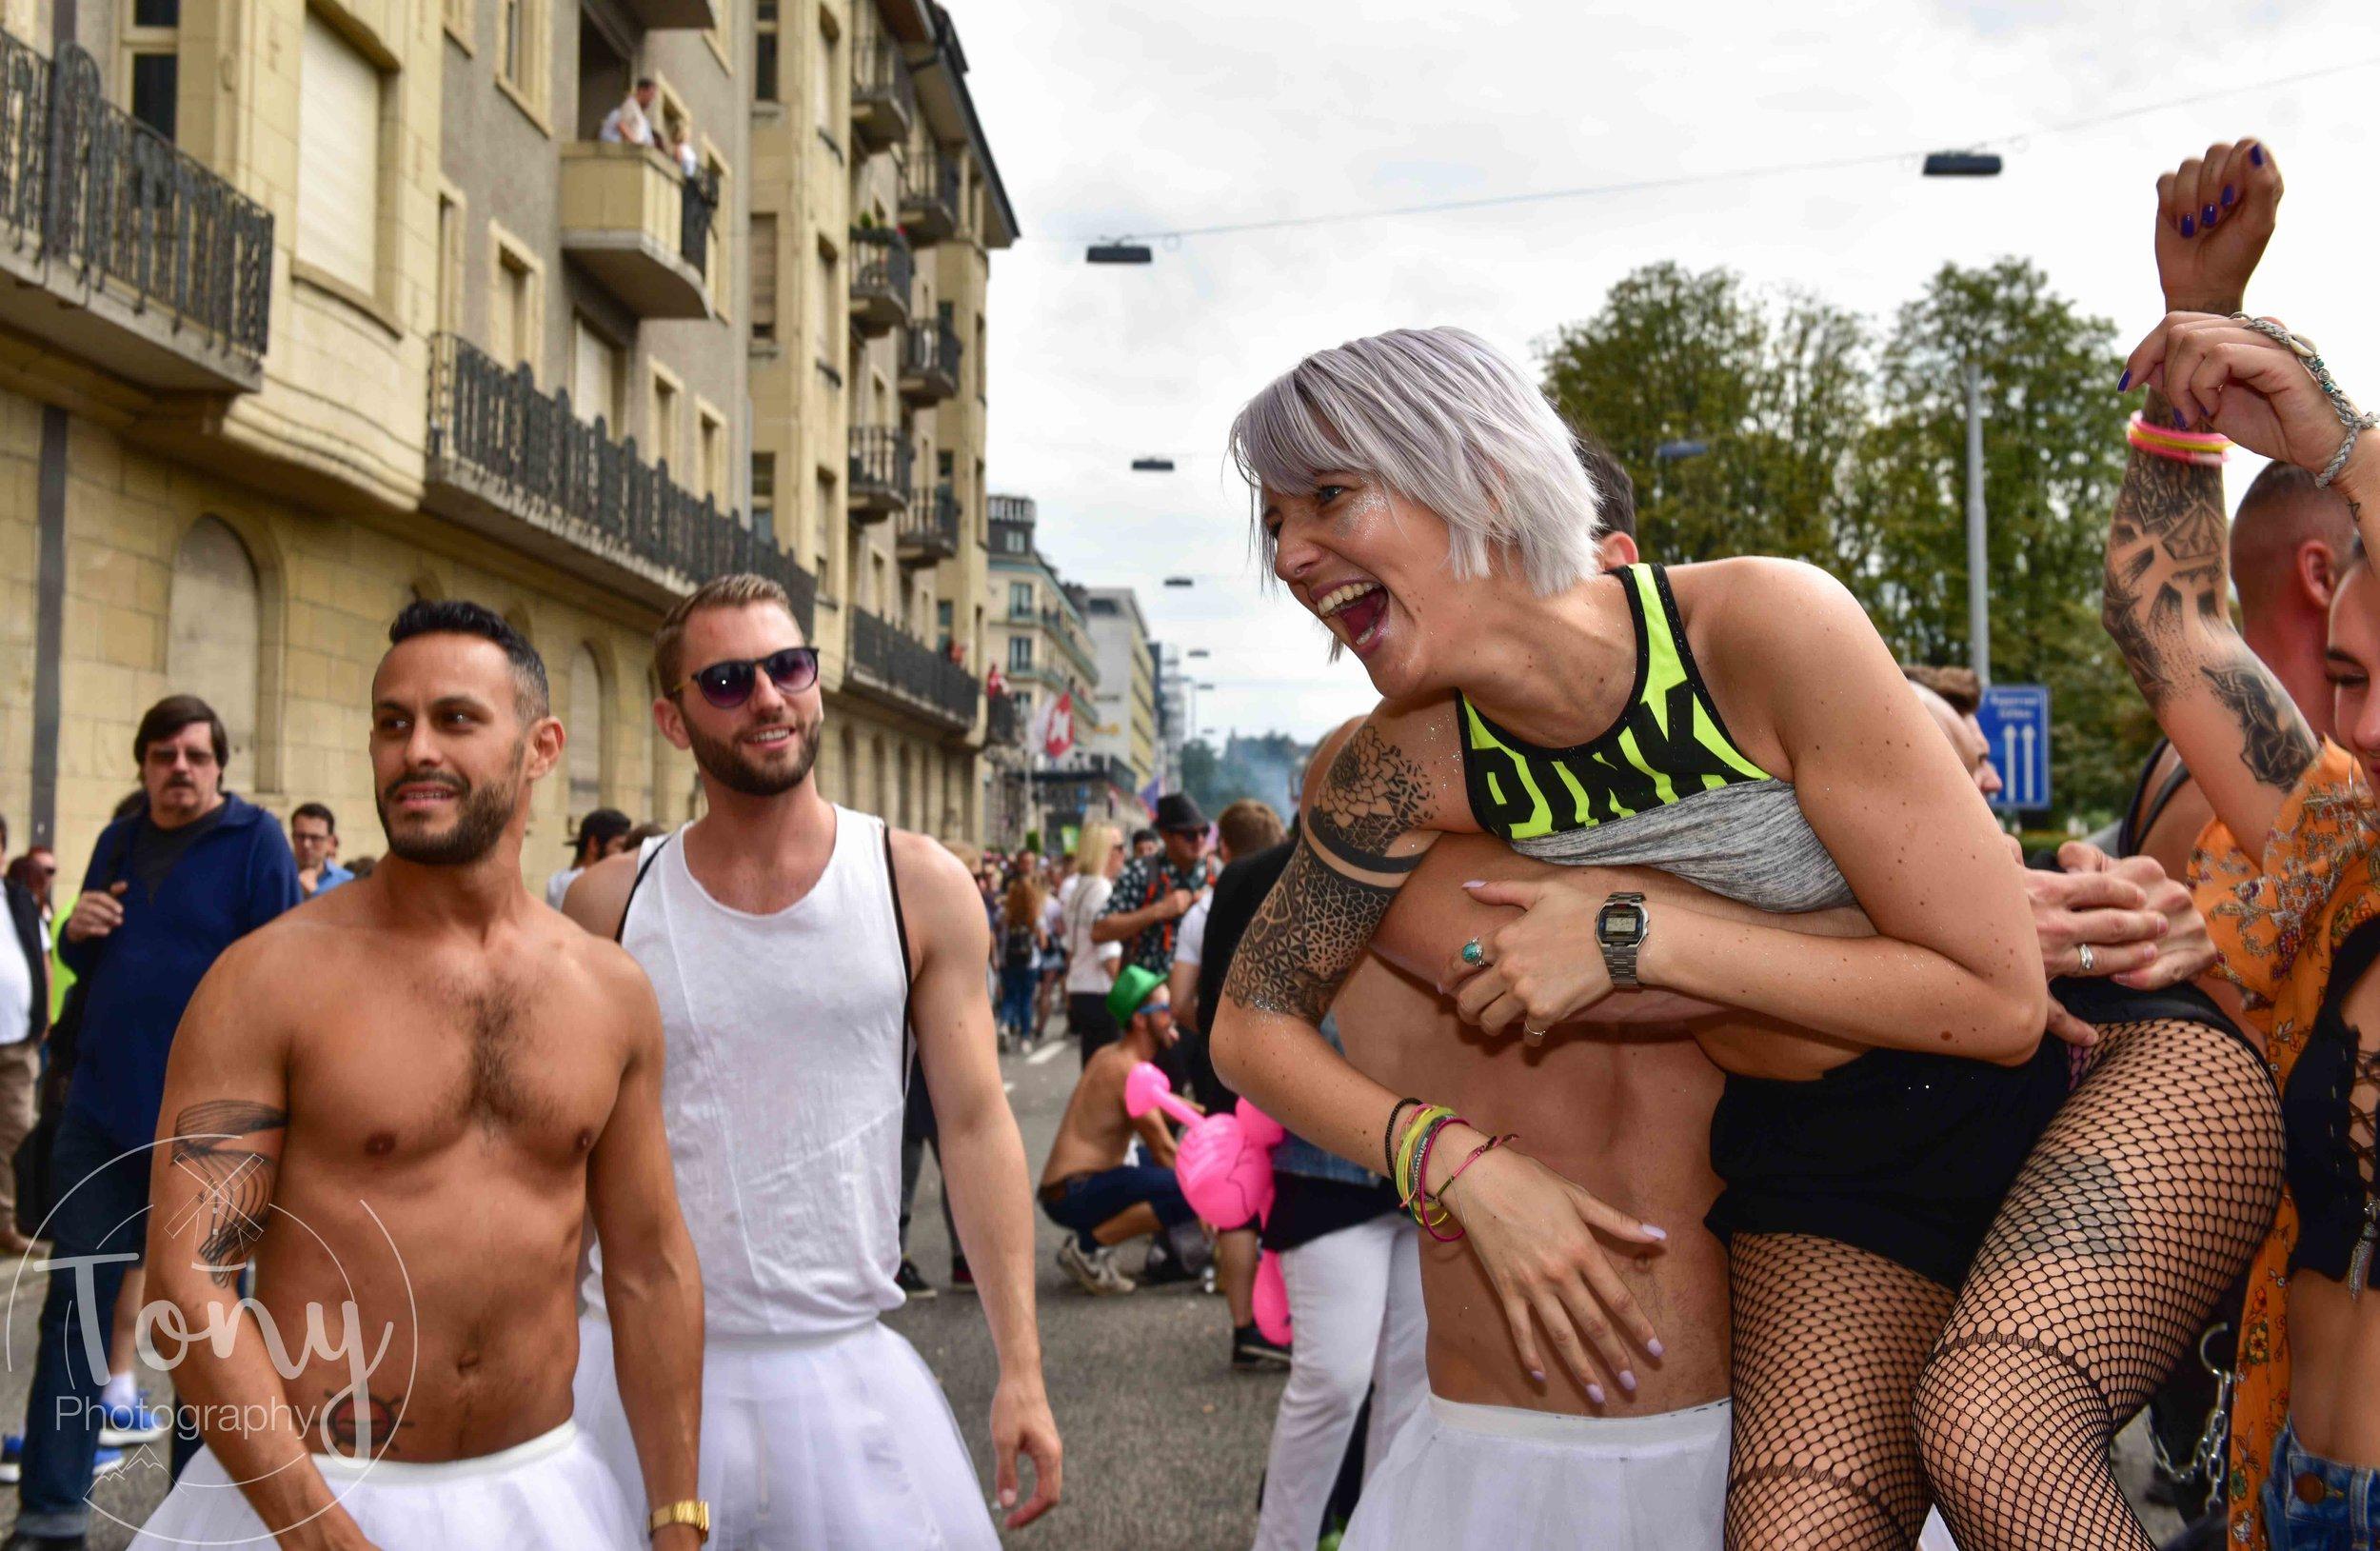 streetparade-98.jpg